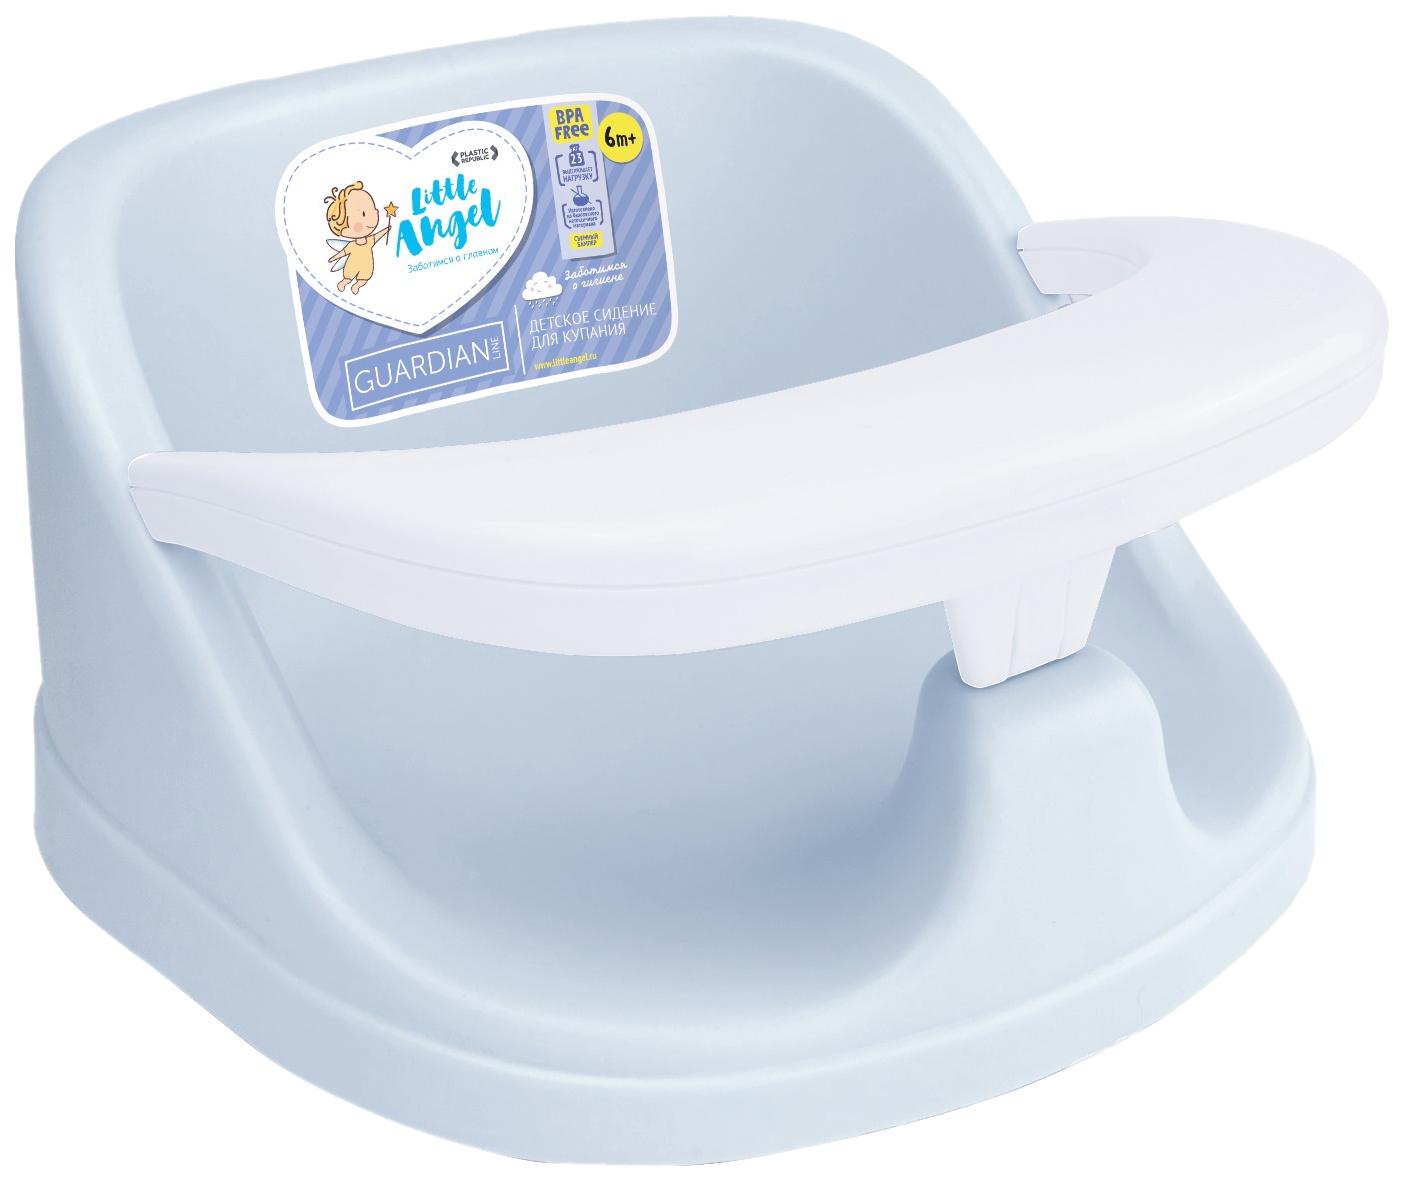 Купить Сиденье для купания малыша Little Angel Guardian LA1790, Стульчики для купания малыша